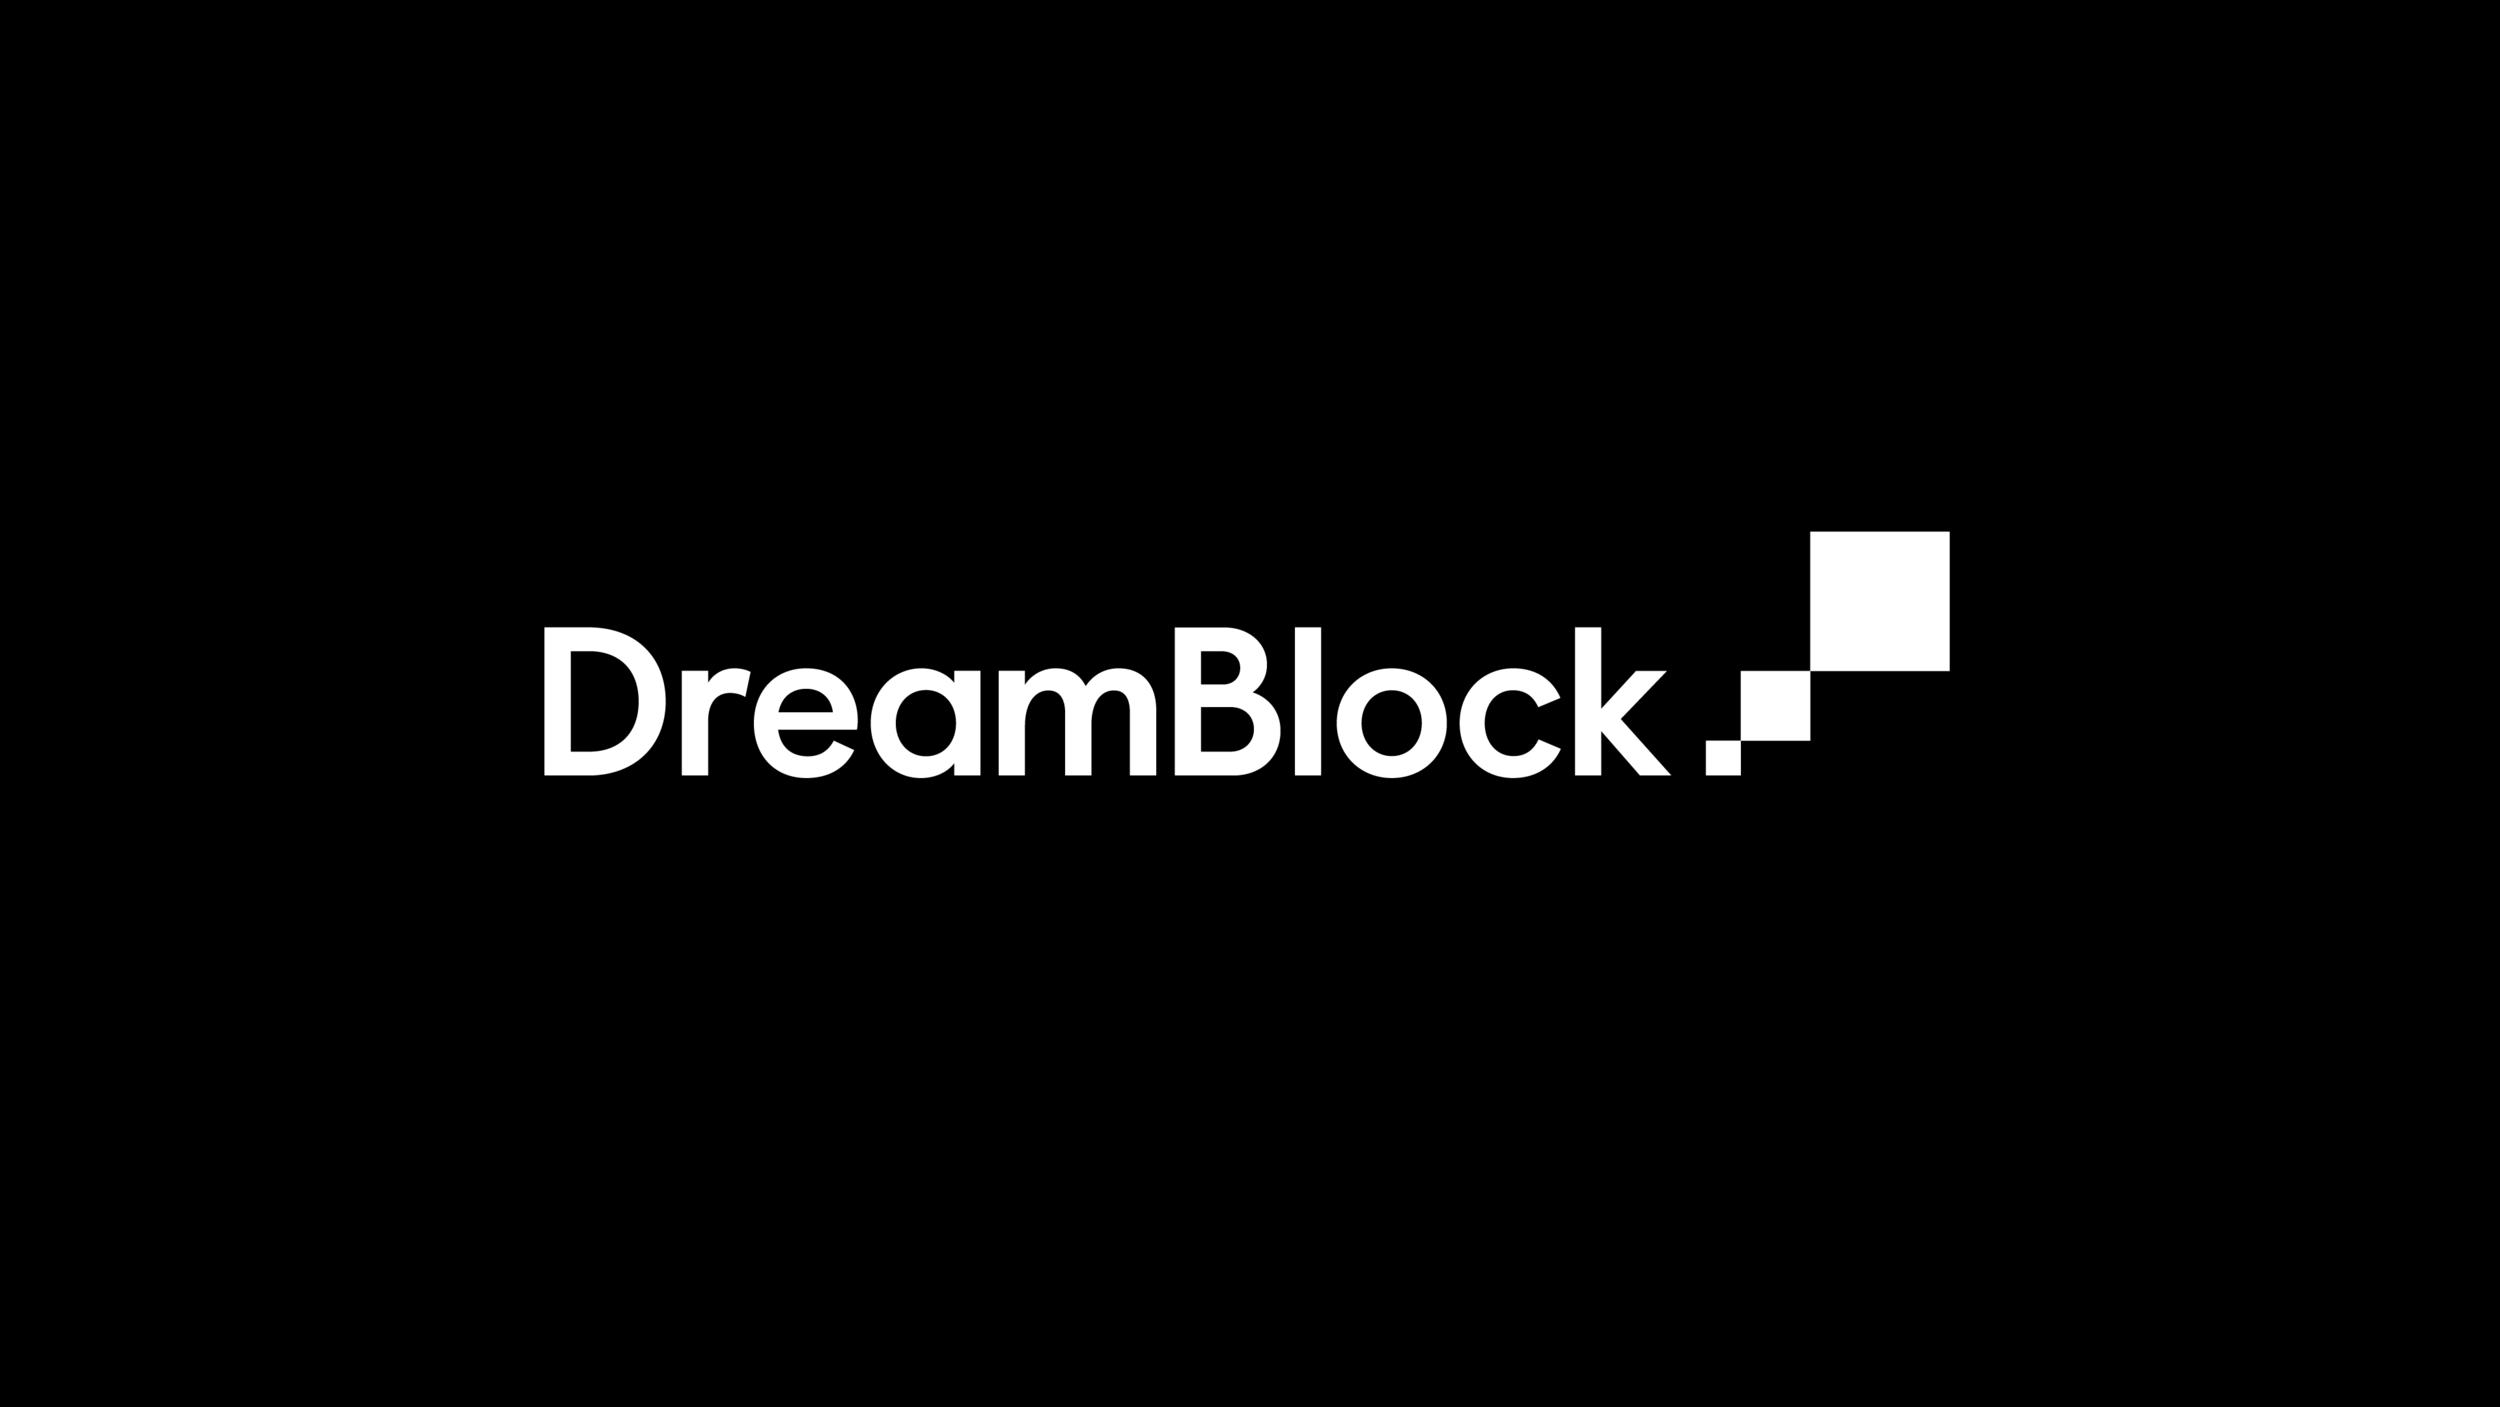 DreamBlock_Wordmark.png